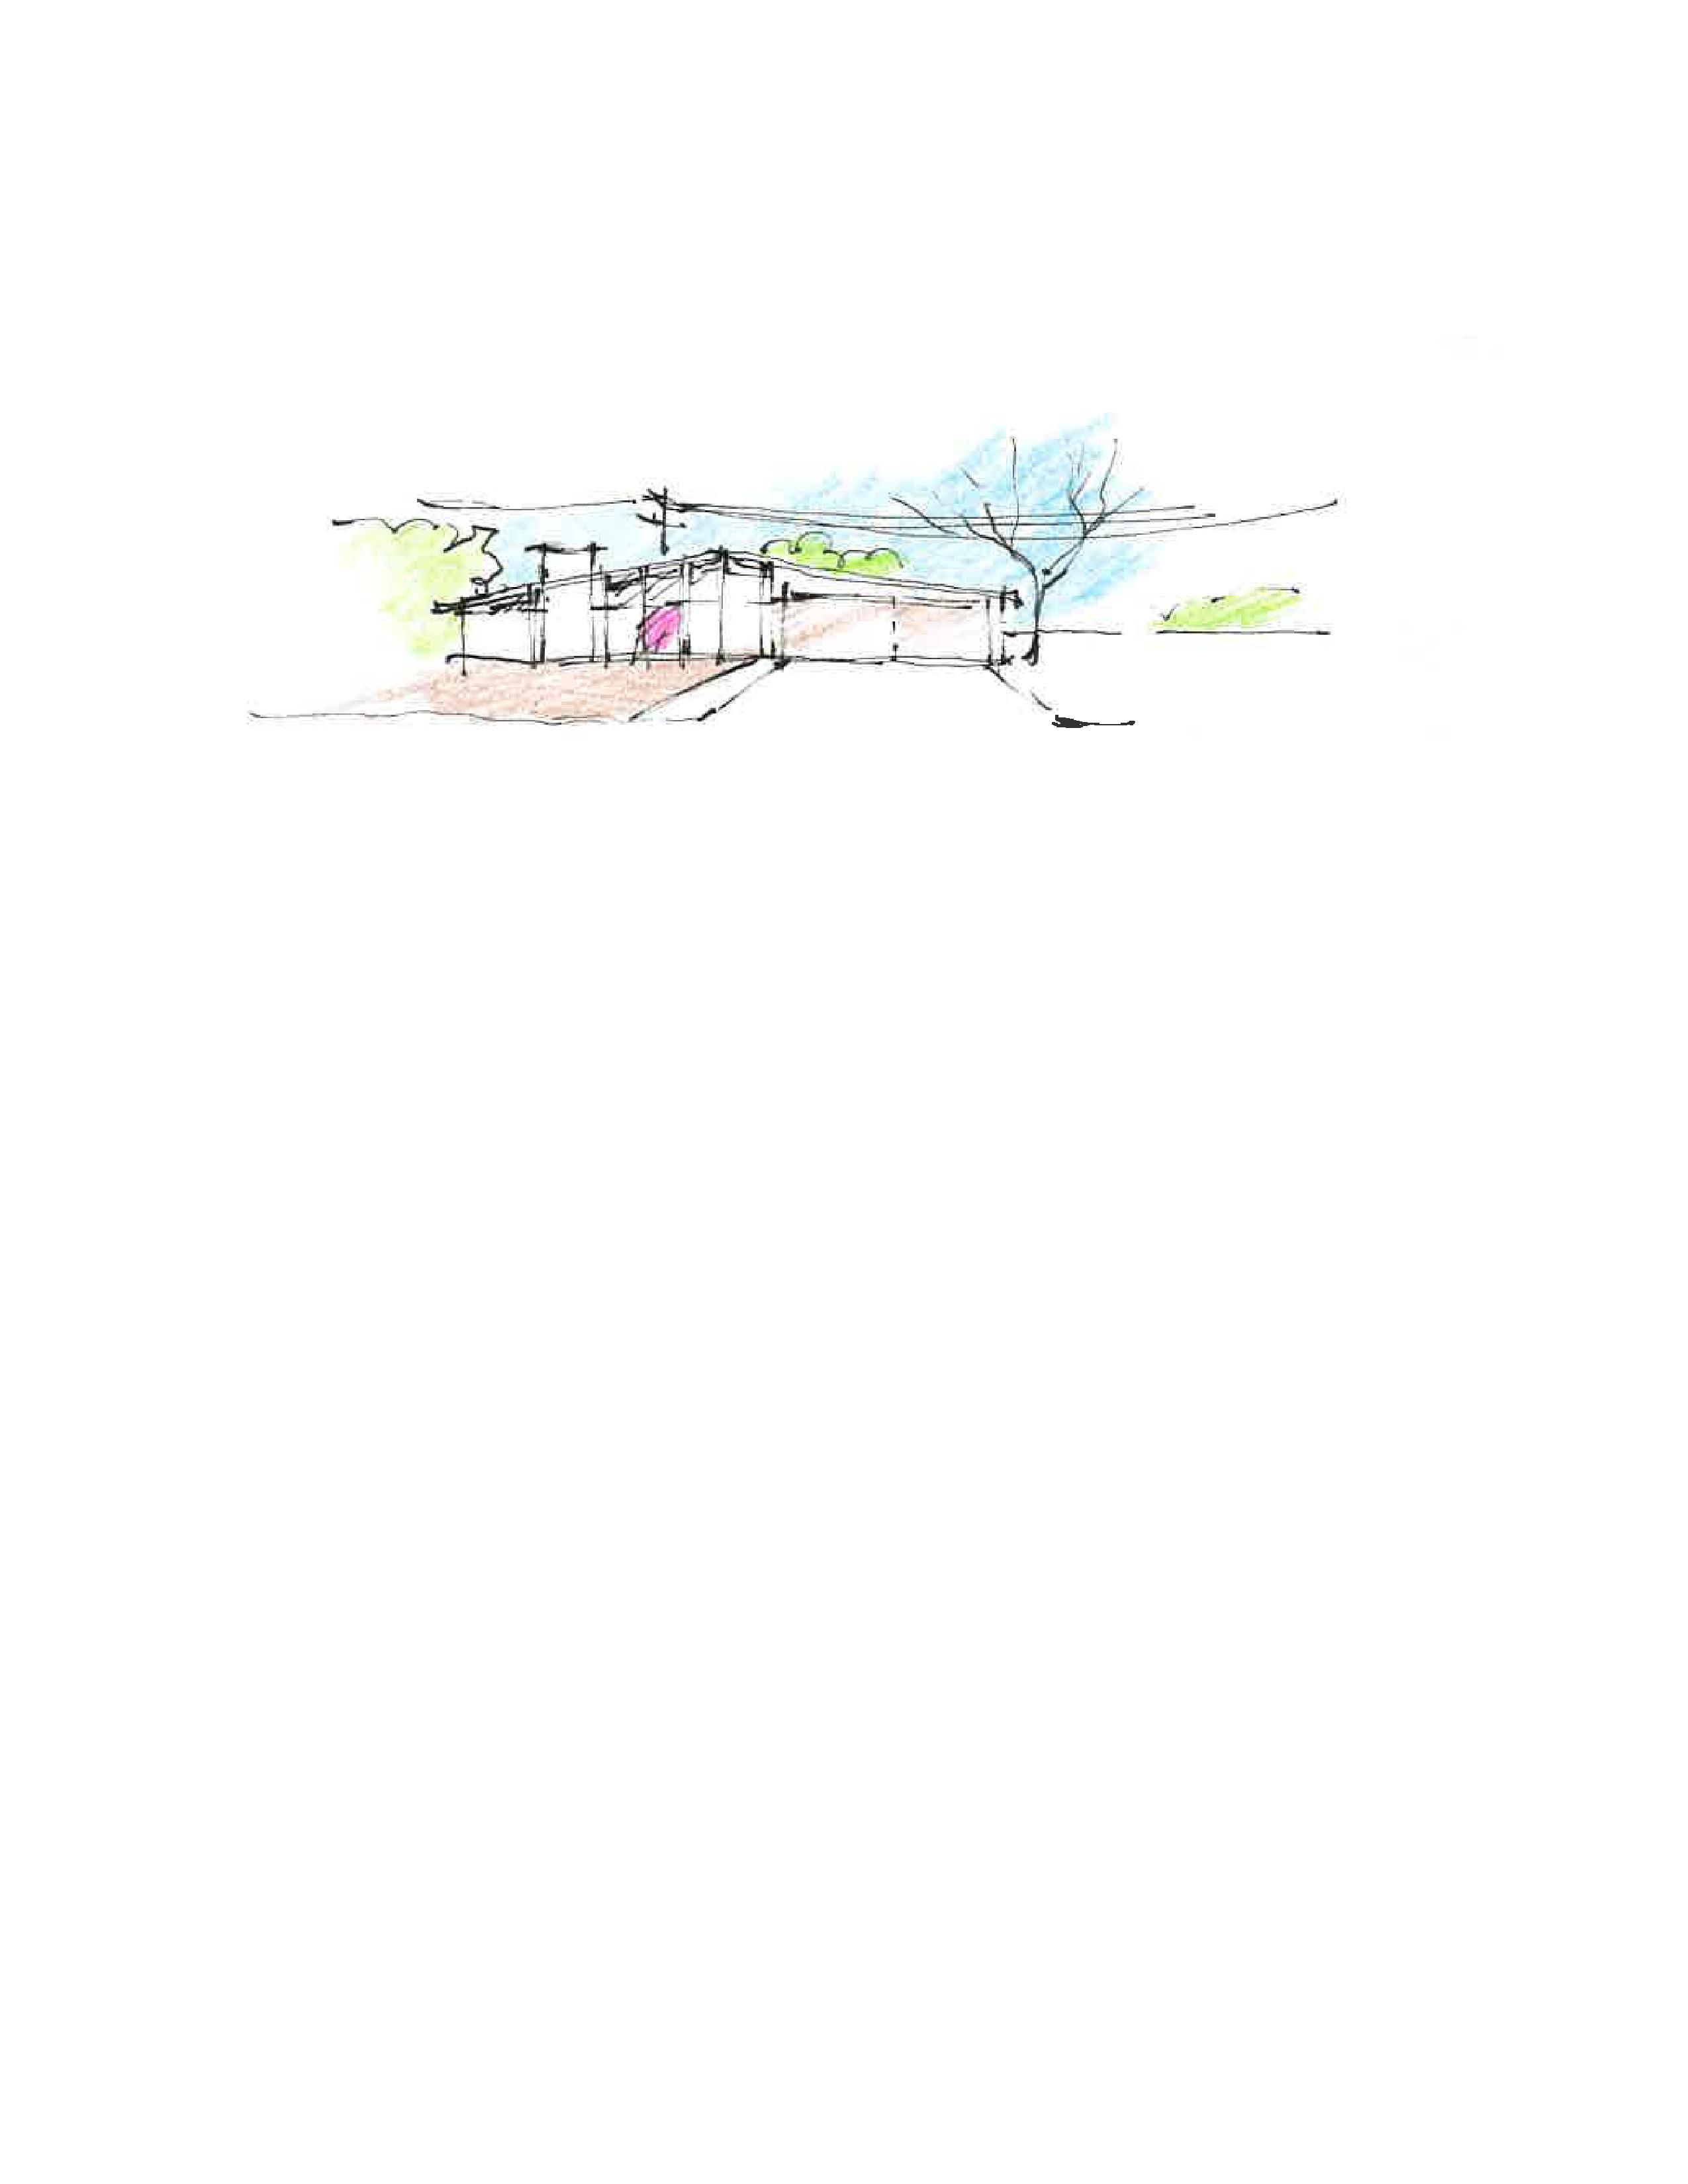 franks-sketch_image1-3_01-02-20122